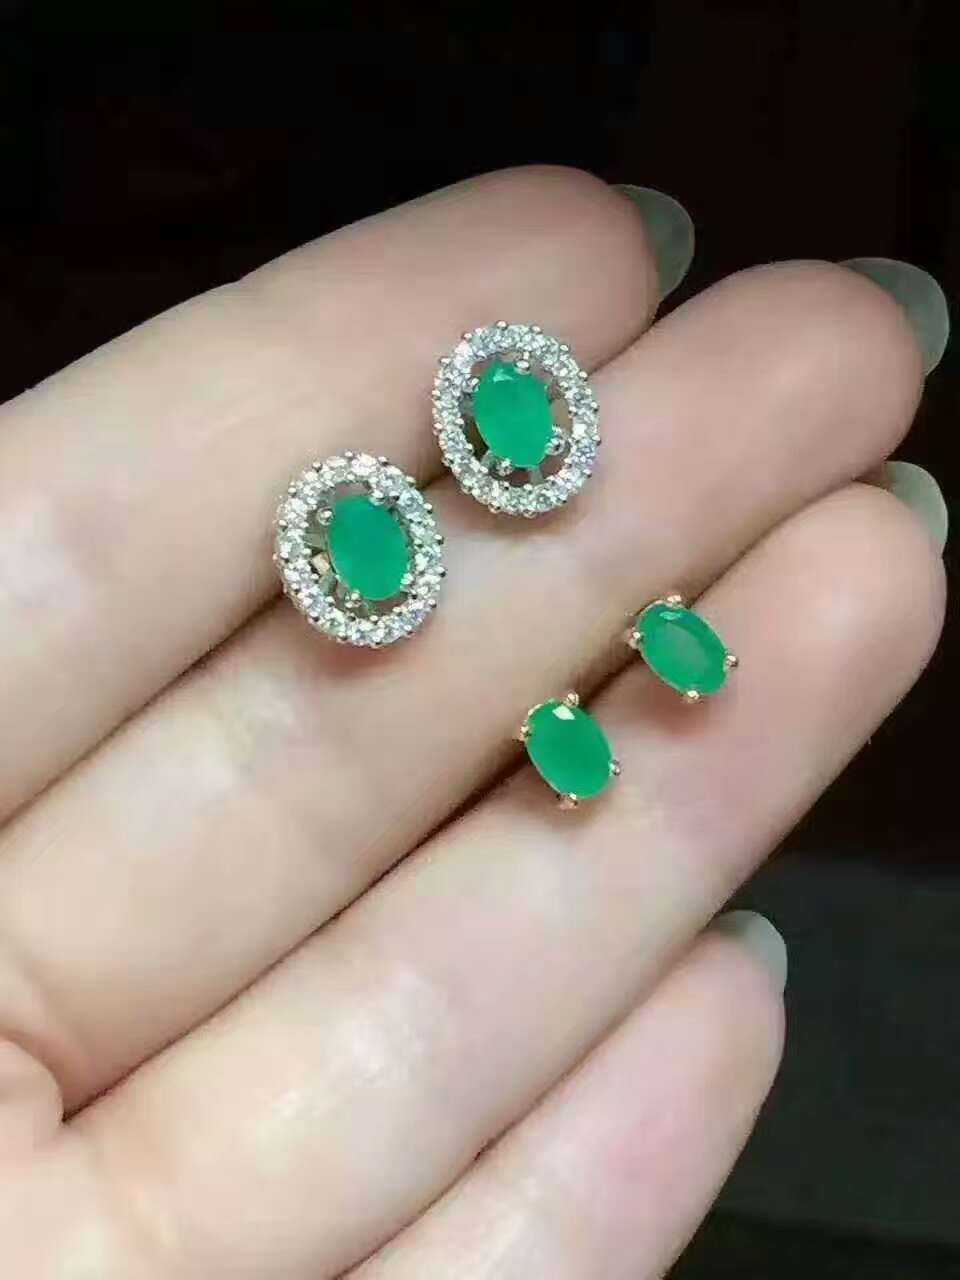 Natural green emerald stud earrings 925 silver natural gemstone earrings two wears women fashion party fine Earrings jewelry copper jewelry leopard head hanging pearl stud earrings tiger head green rhinestone black stud earrings for women